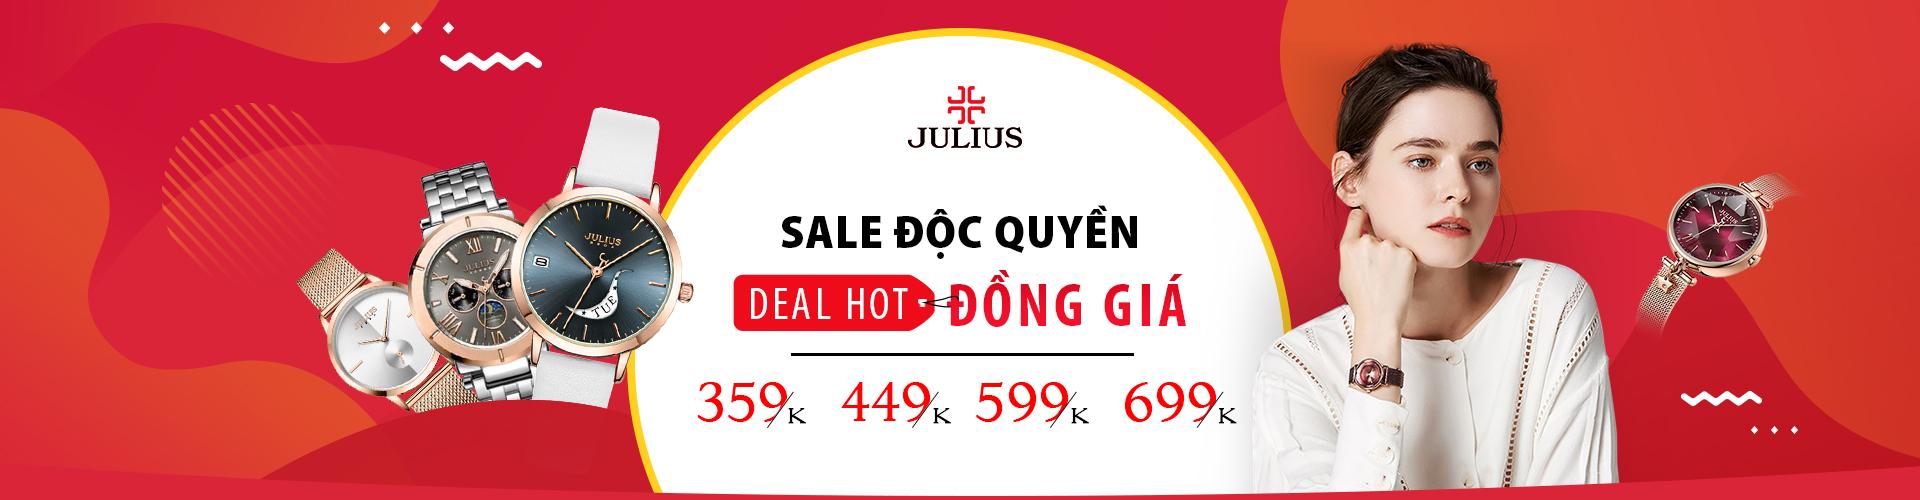 Đồng hồ Julius: Deal đồng giá - Sale độc quyền